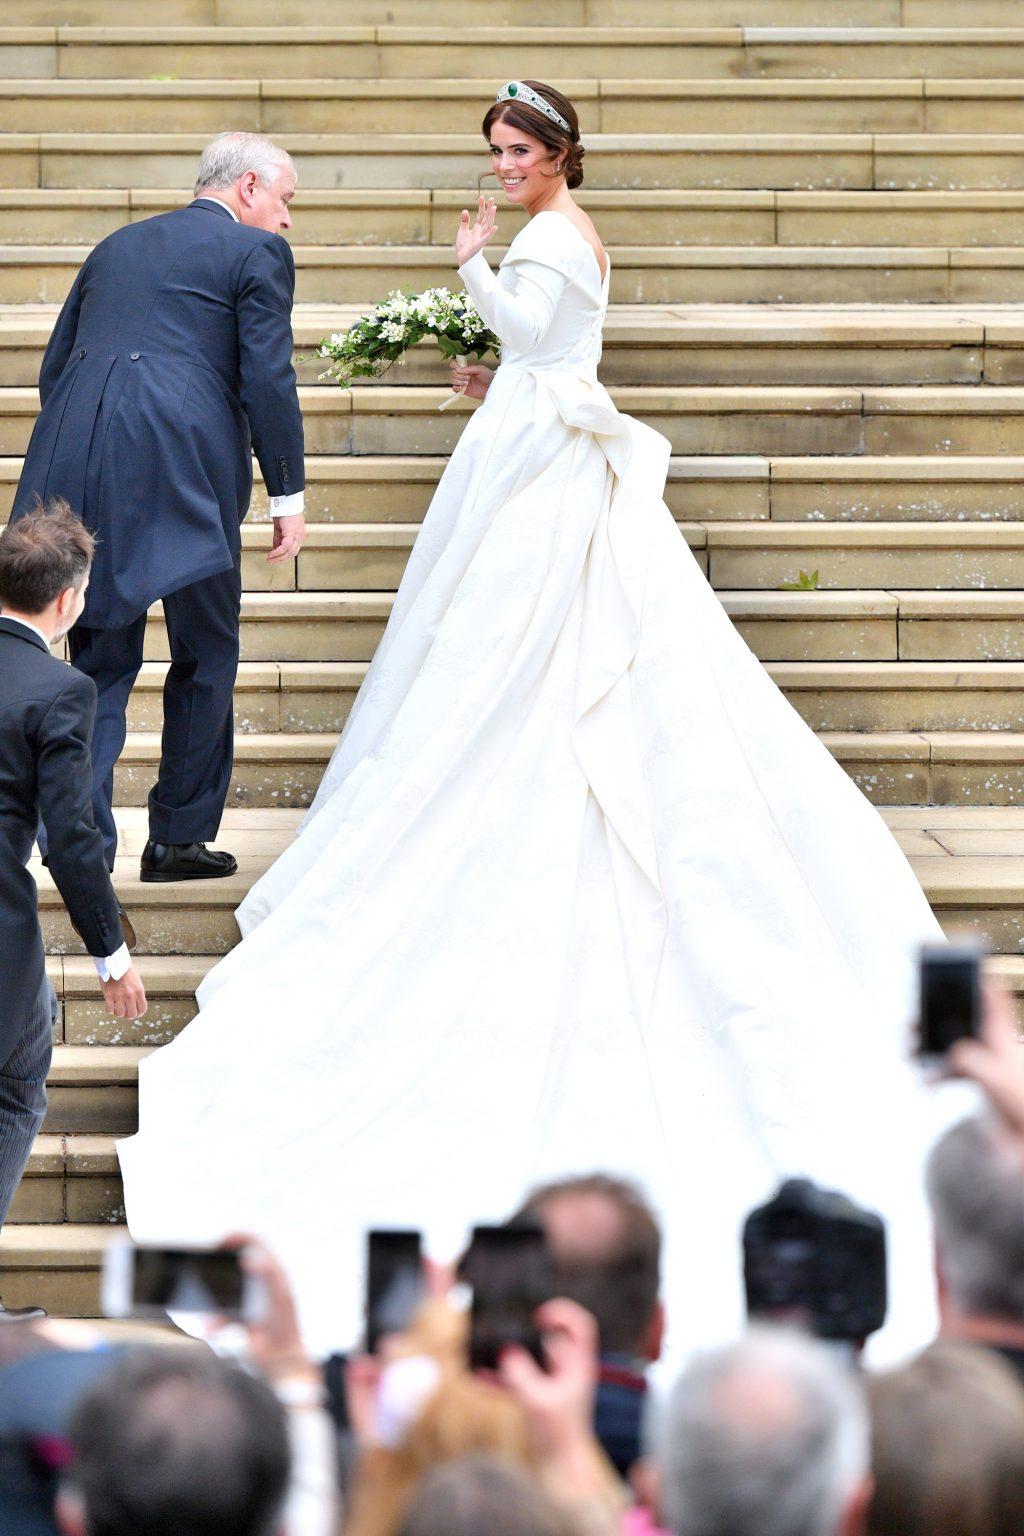 váy cưới đẹp của sao 2018 6